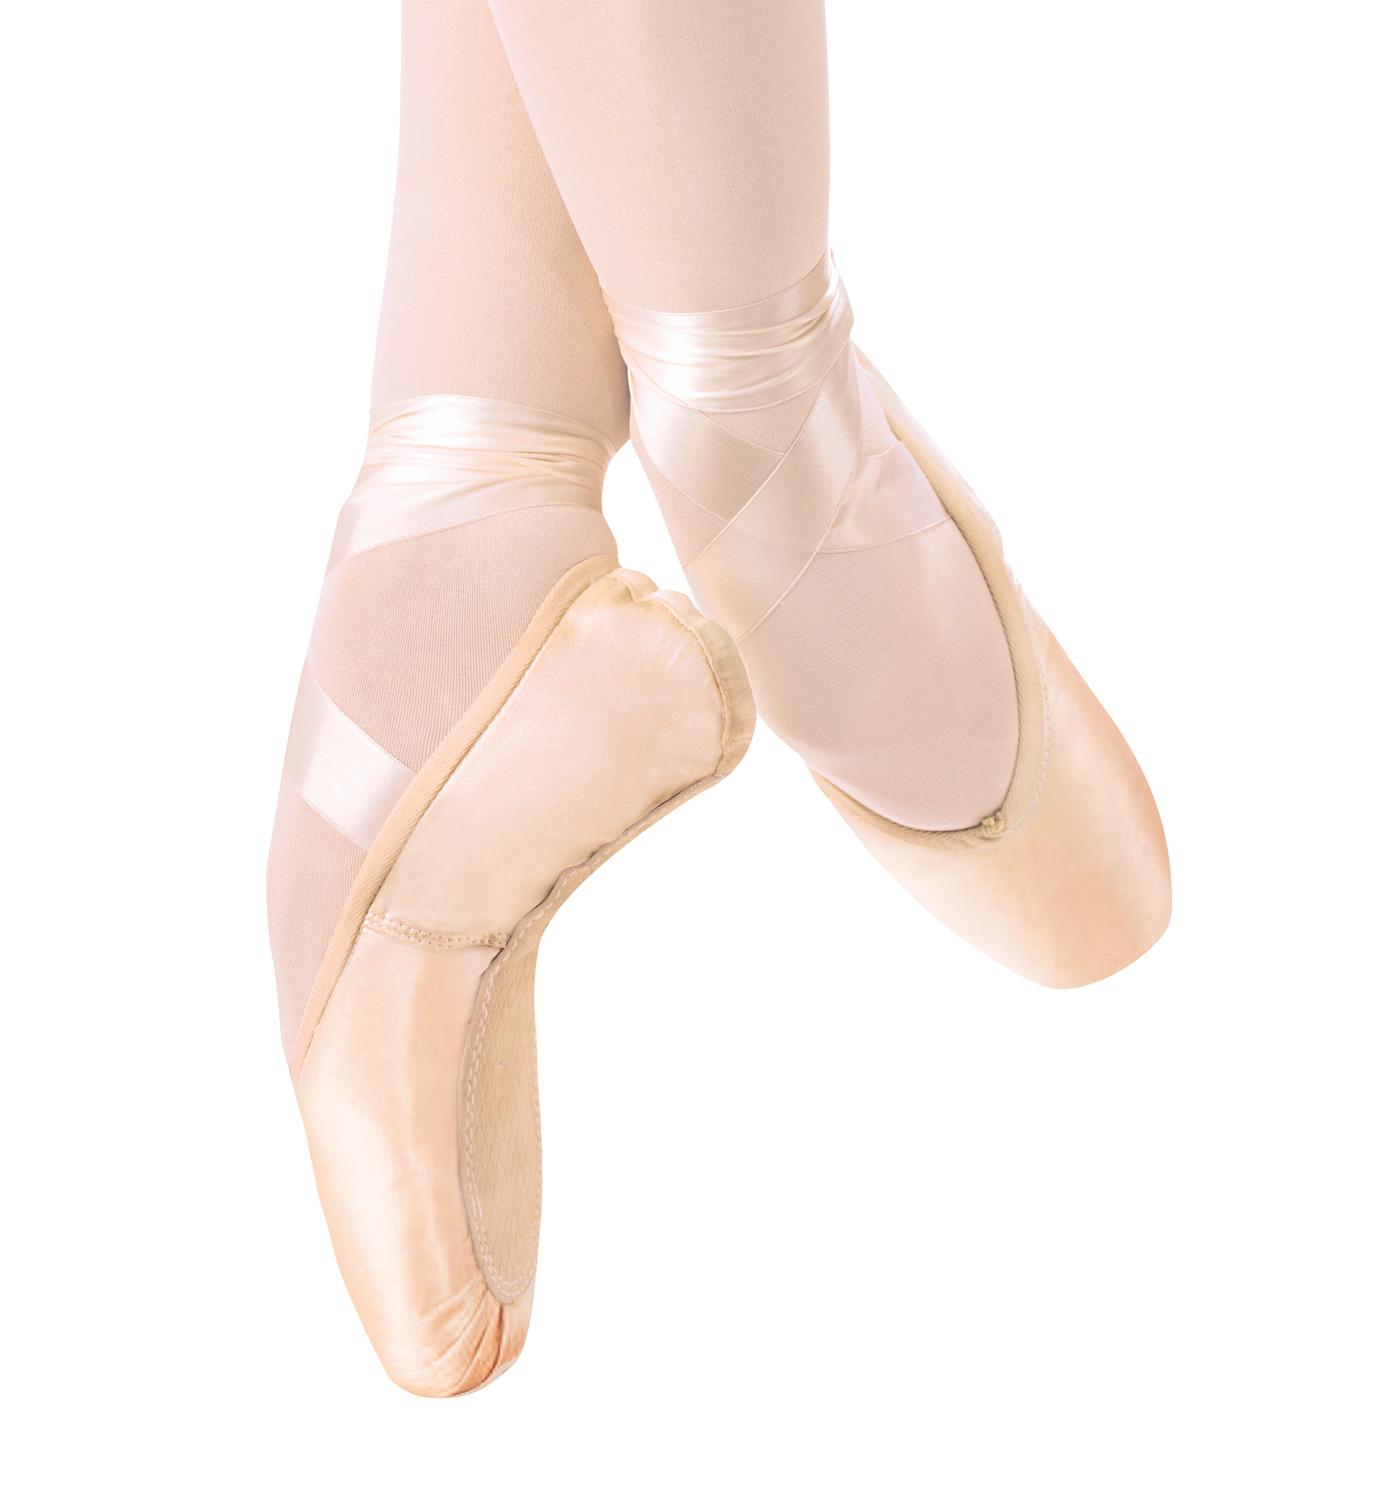 Discount Dance Ballet Shoes